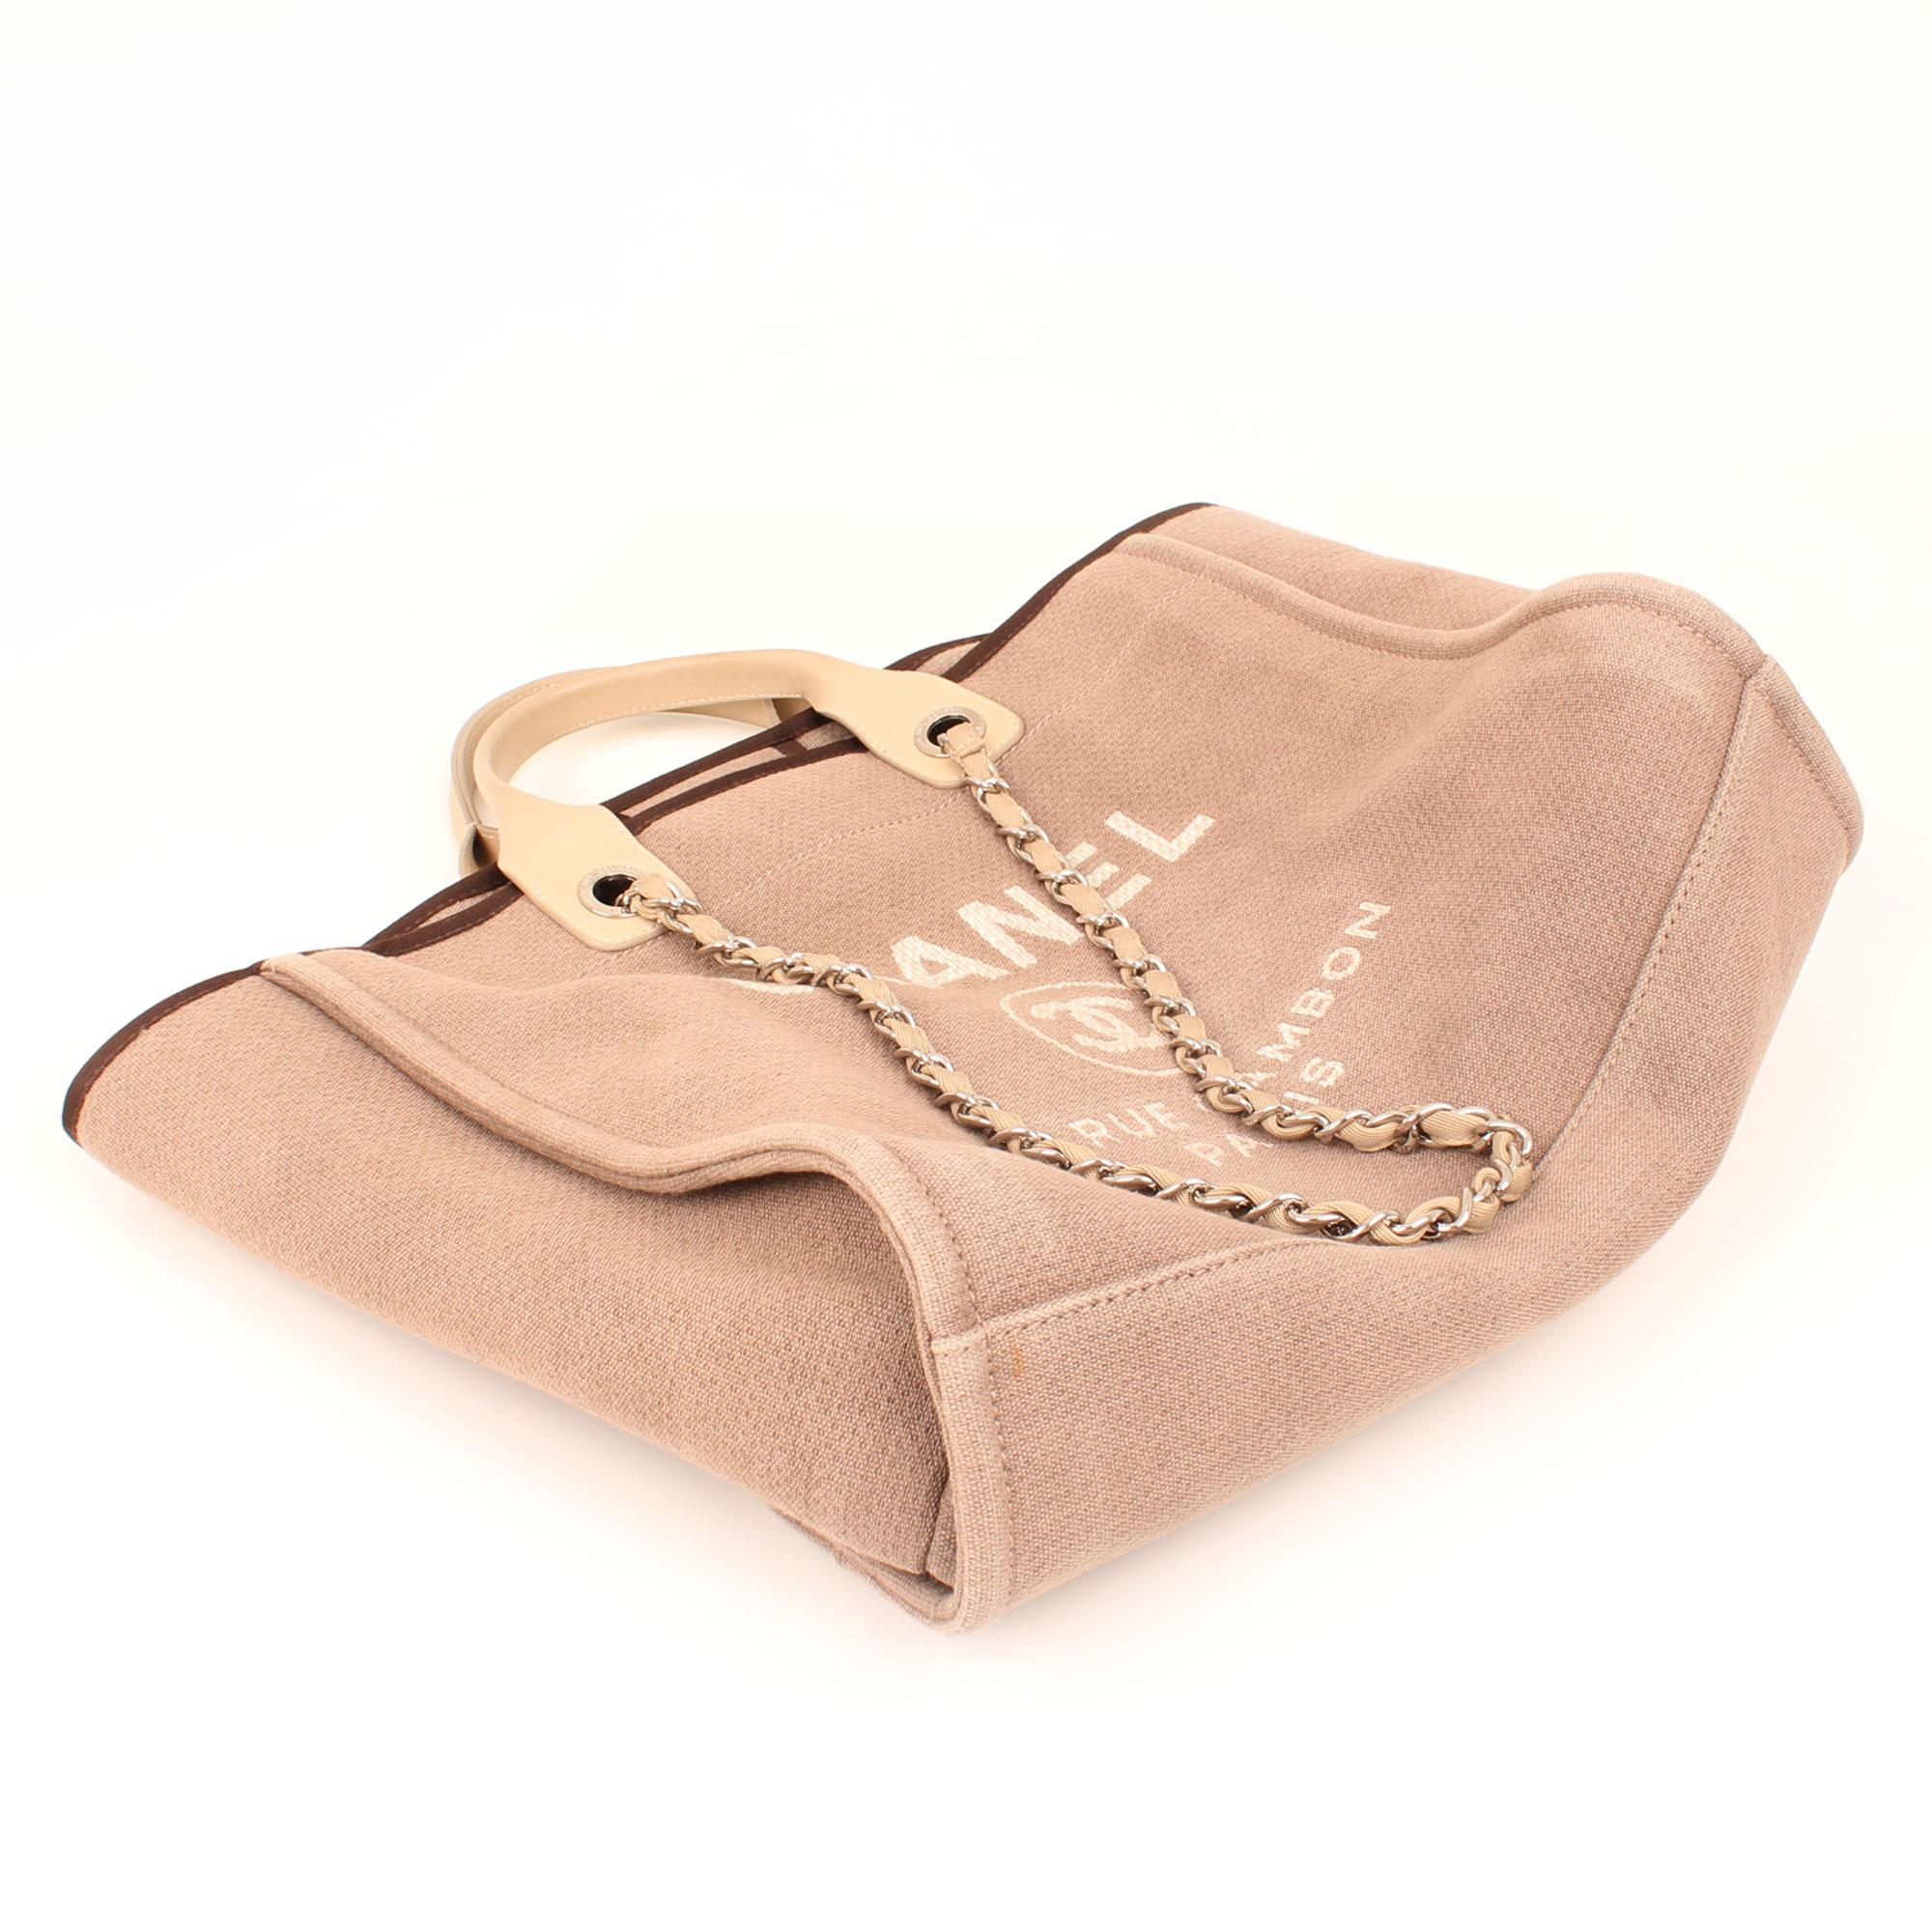 Imagen del bolso plegado del bolso chanel ecru deauville tote